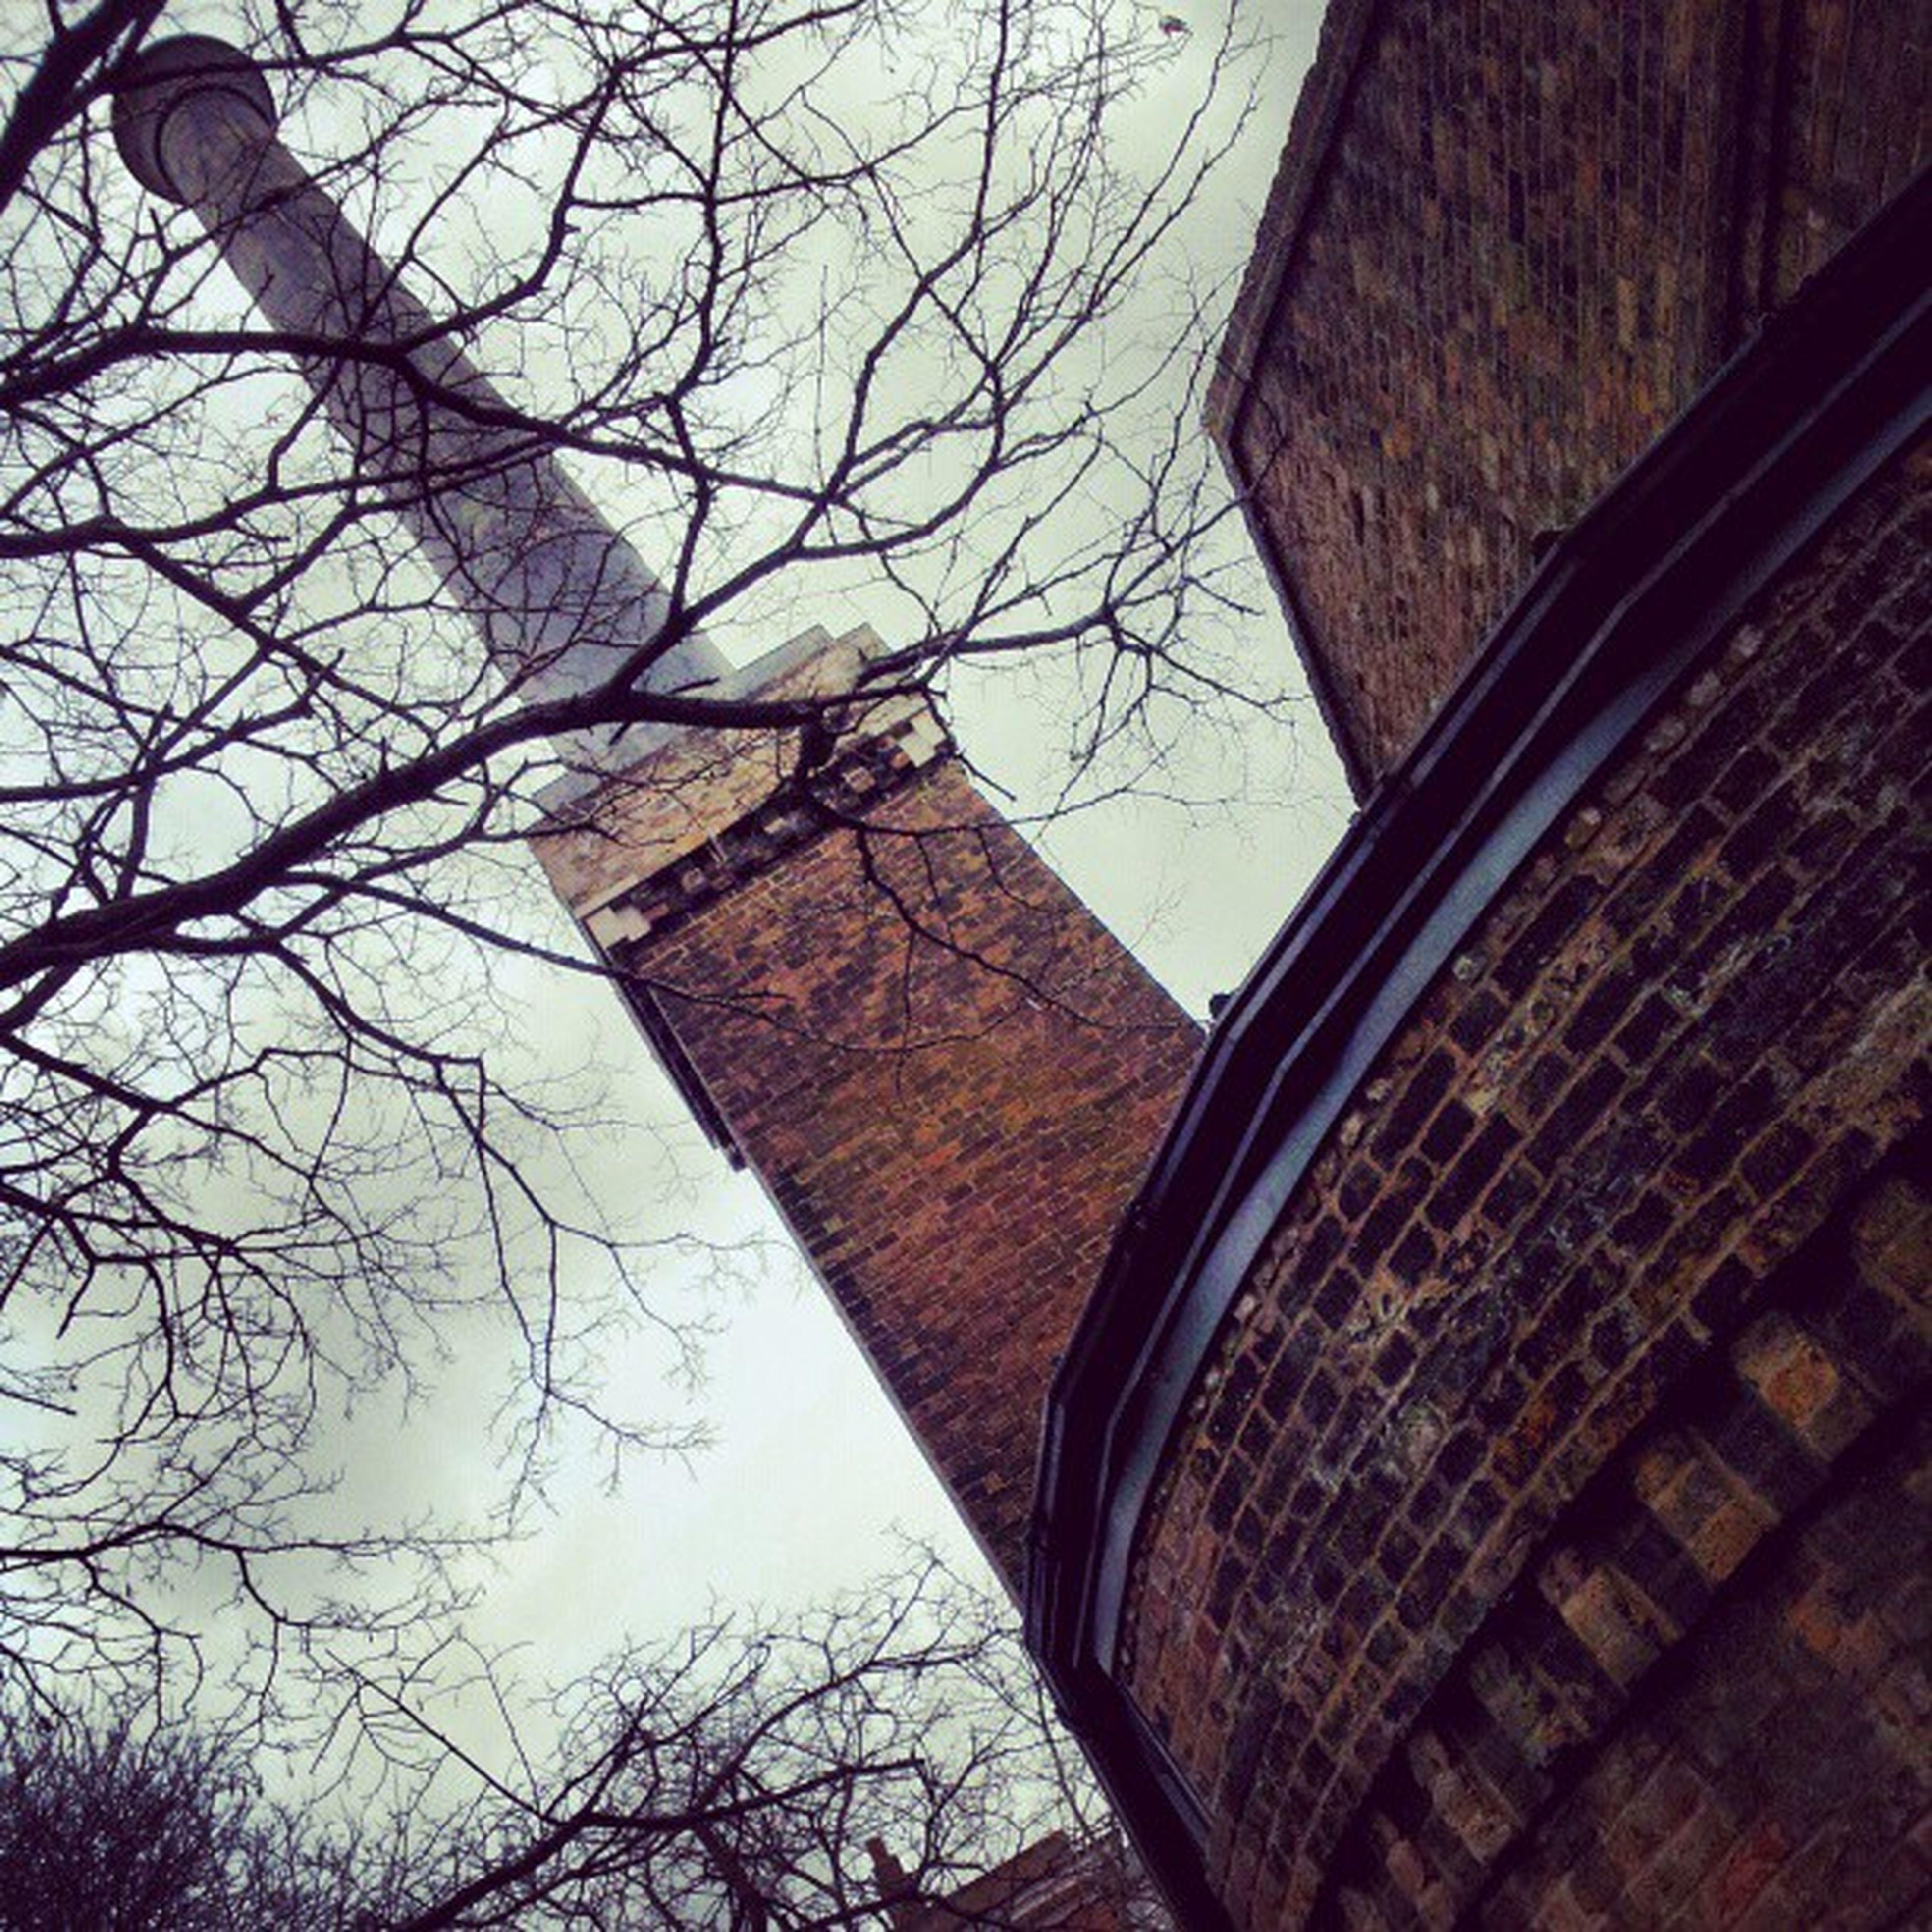 Brunel Brunelmuseum Brunelchimney Brick bricks rotherhithe rotherhithetunnel brunelrotherhithe selondon selondonforever